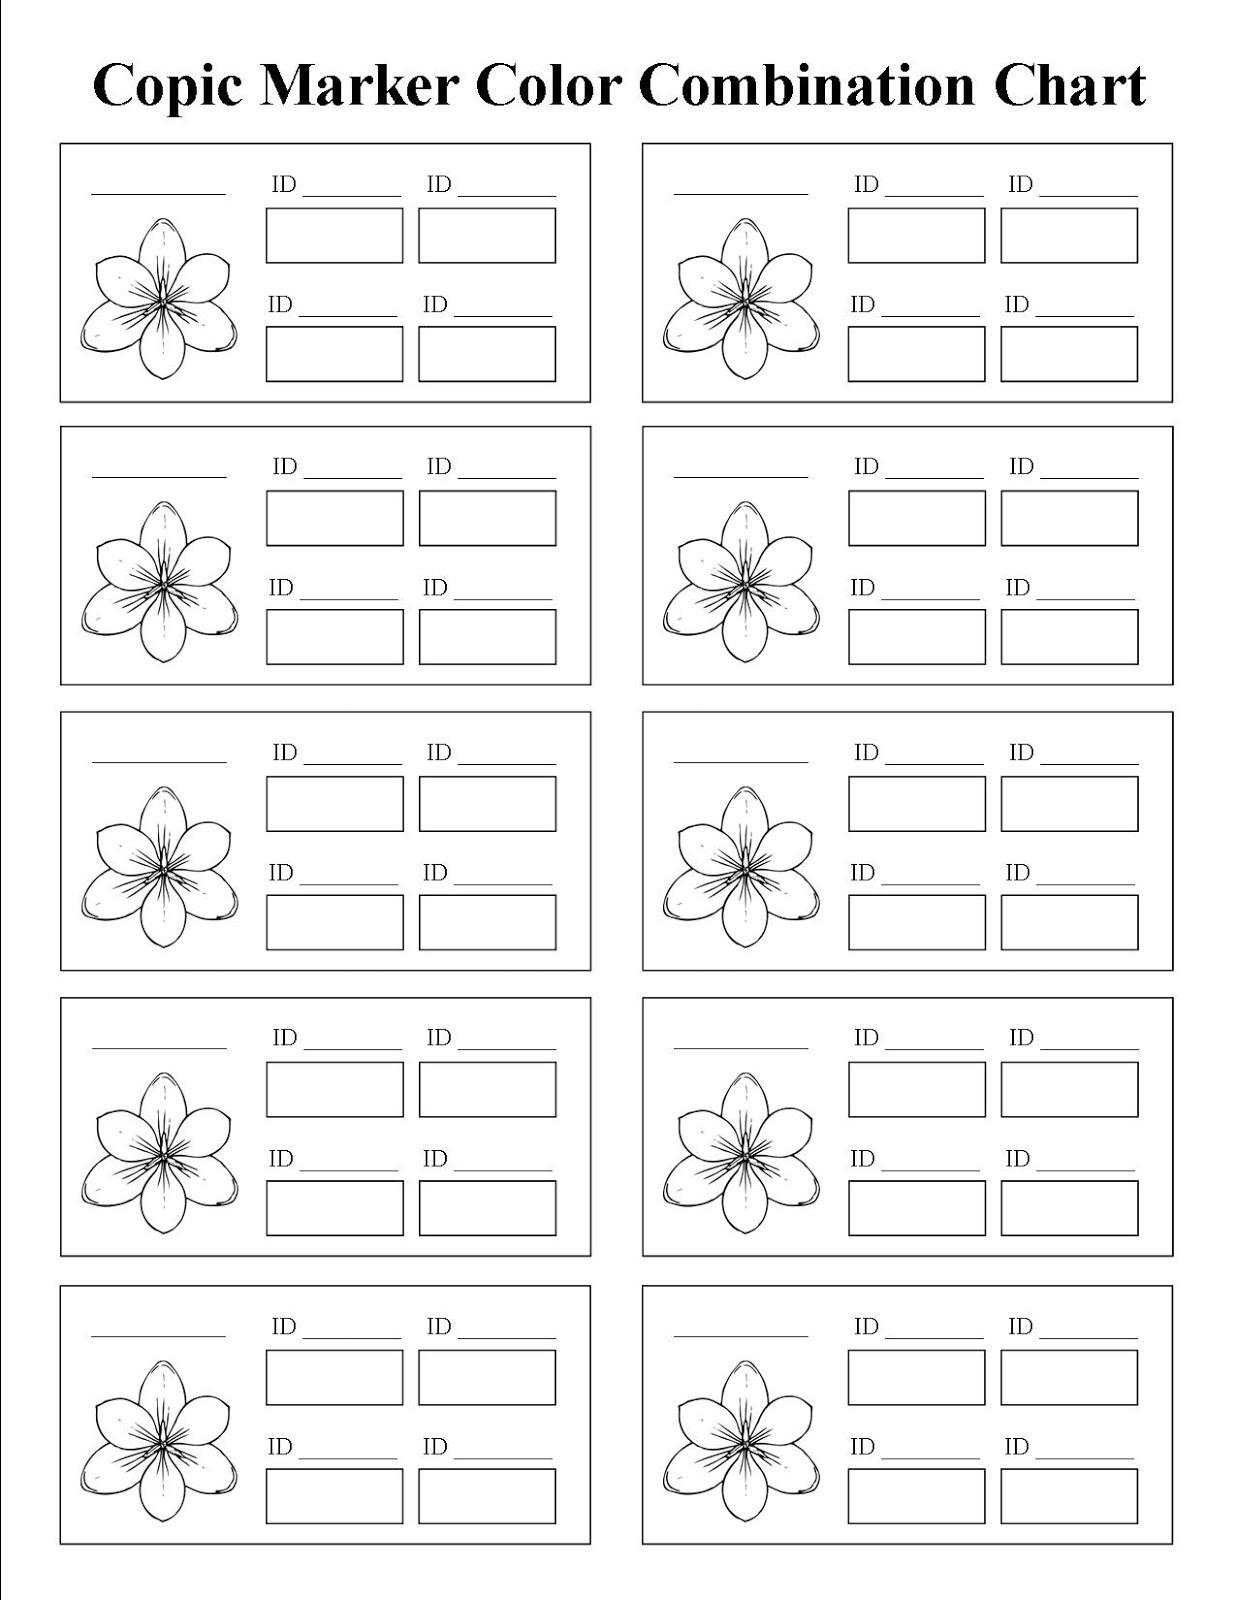 Midnight Pixy Designs Resources